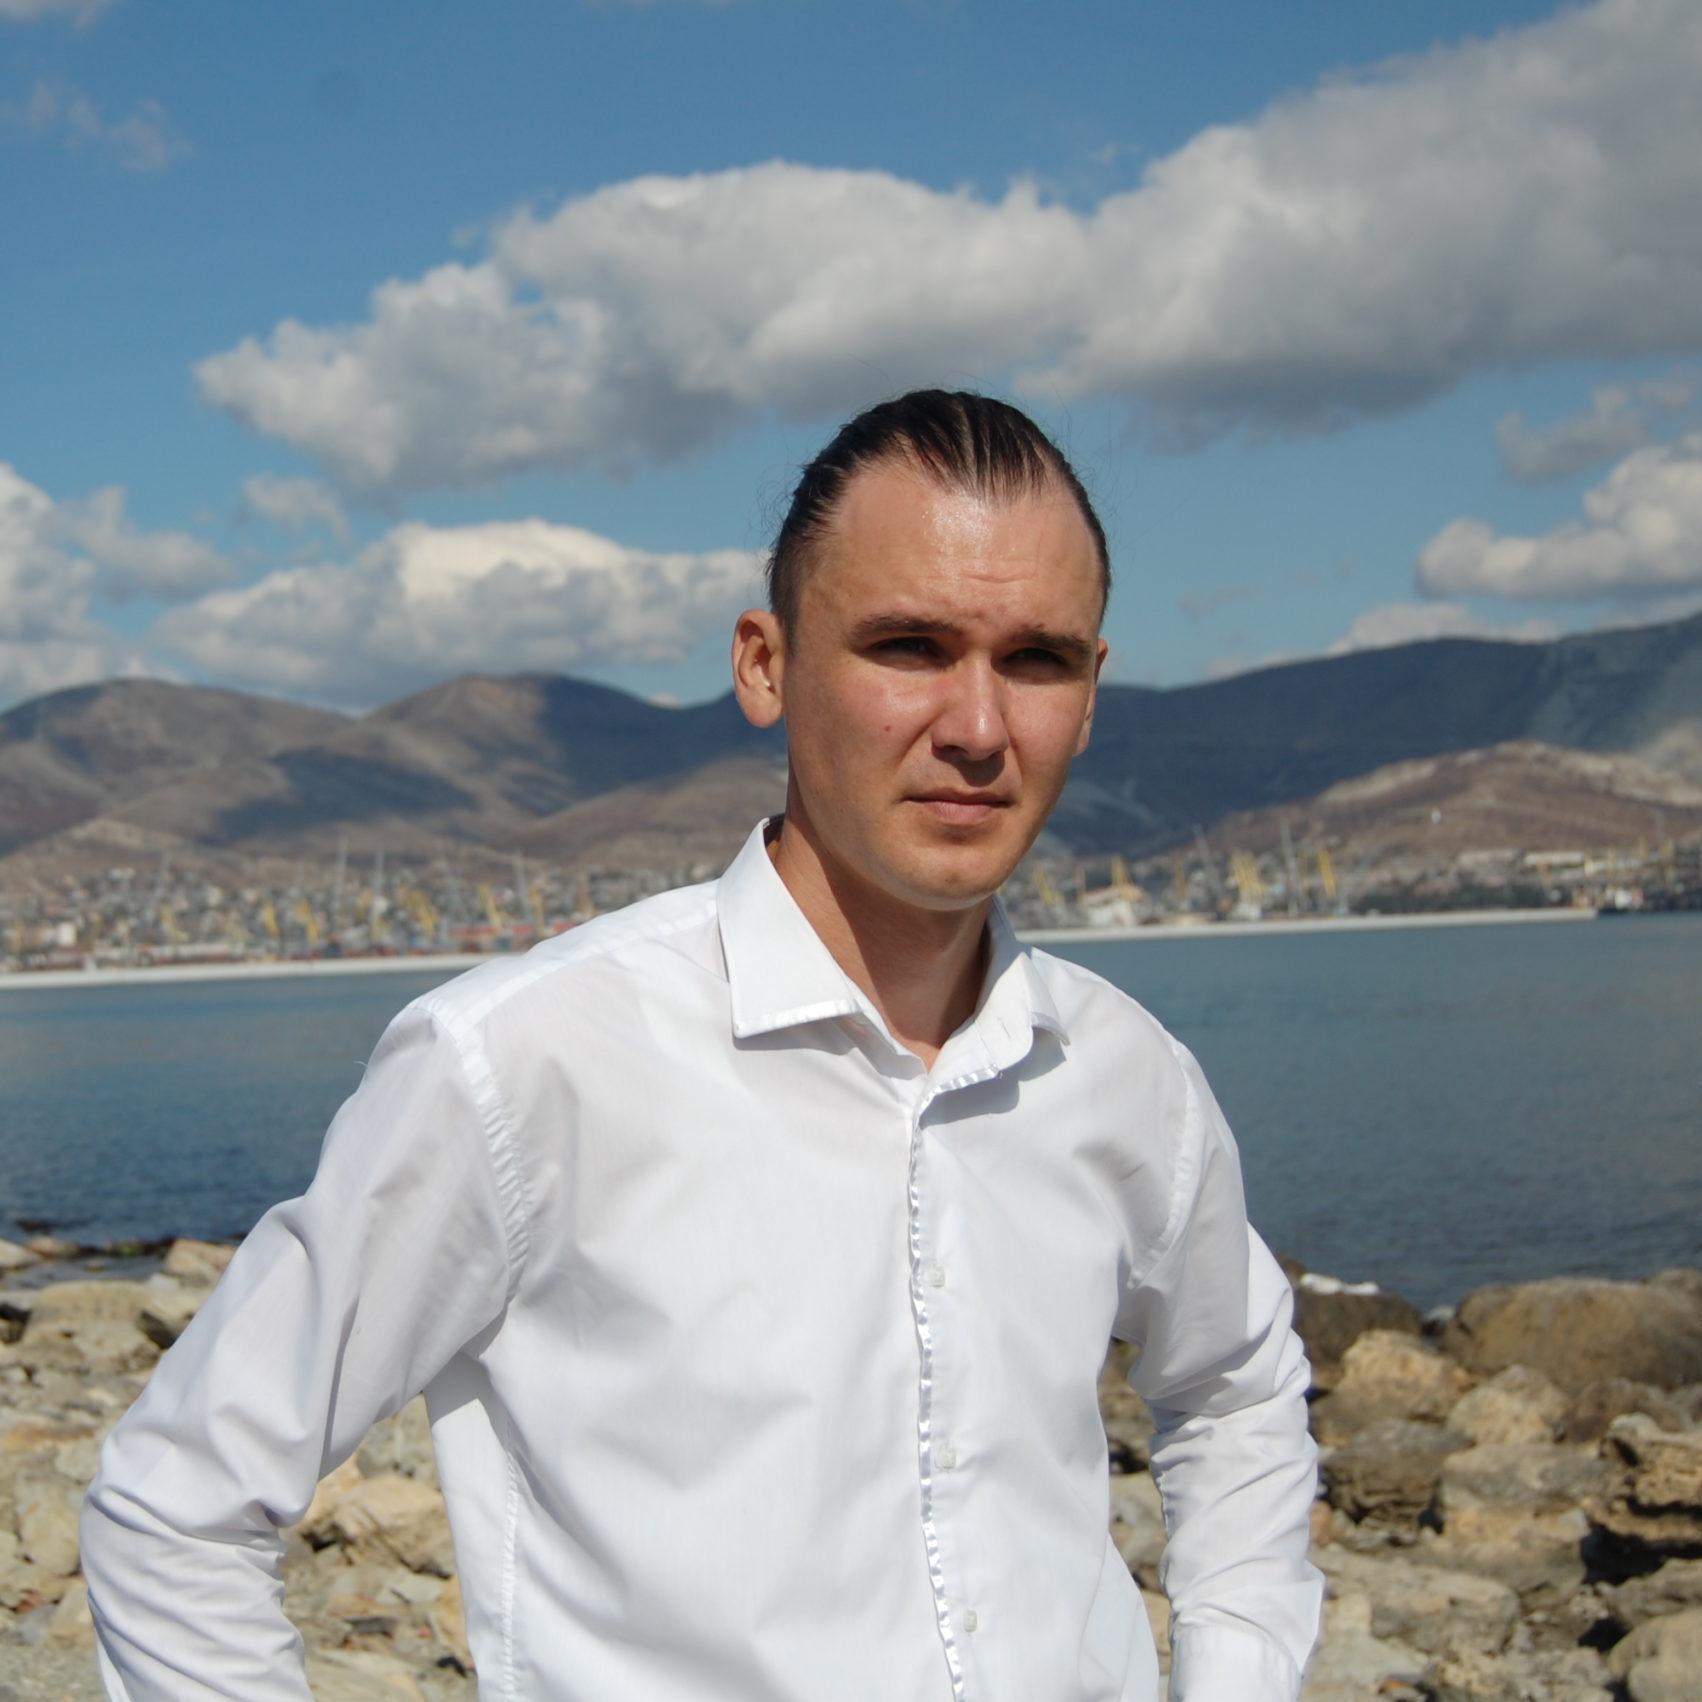 Рябов Сергей Анатольевич